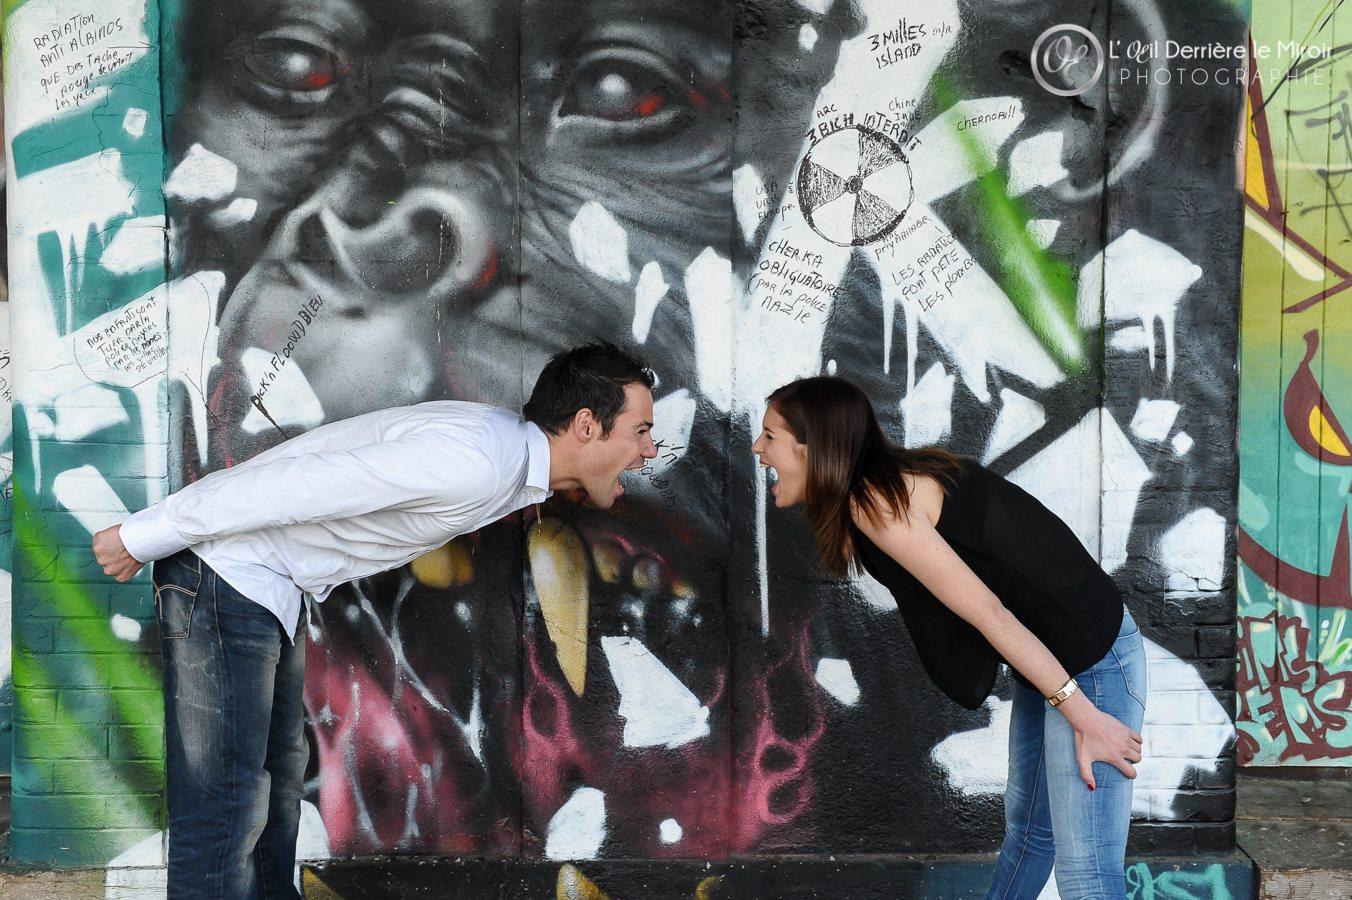 Photo de Couple par L'OEil Derriere le Miroir Photographe de couple